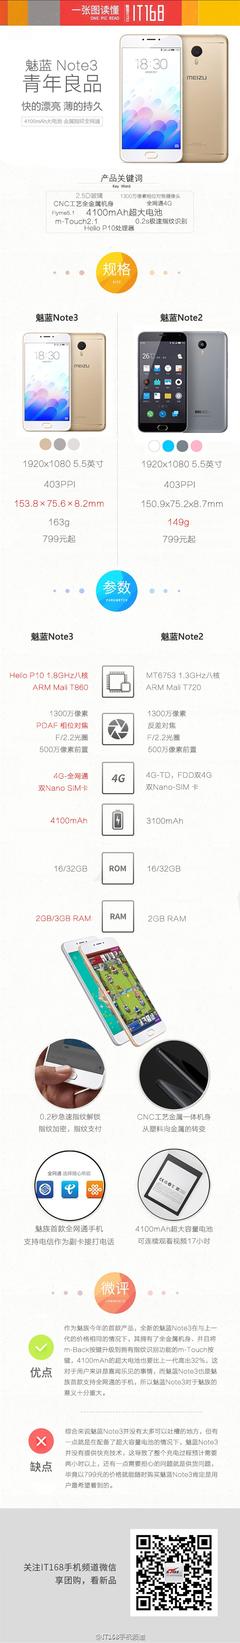 一张图读懂魅蓝Note3:千元机的新标杆